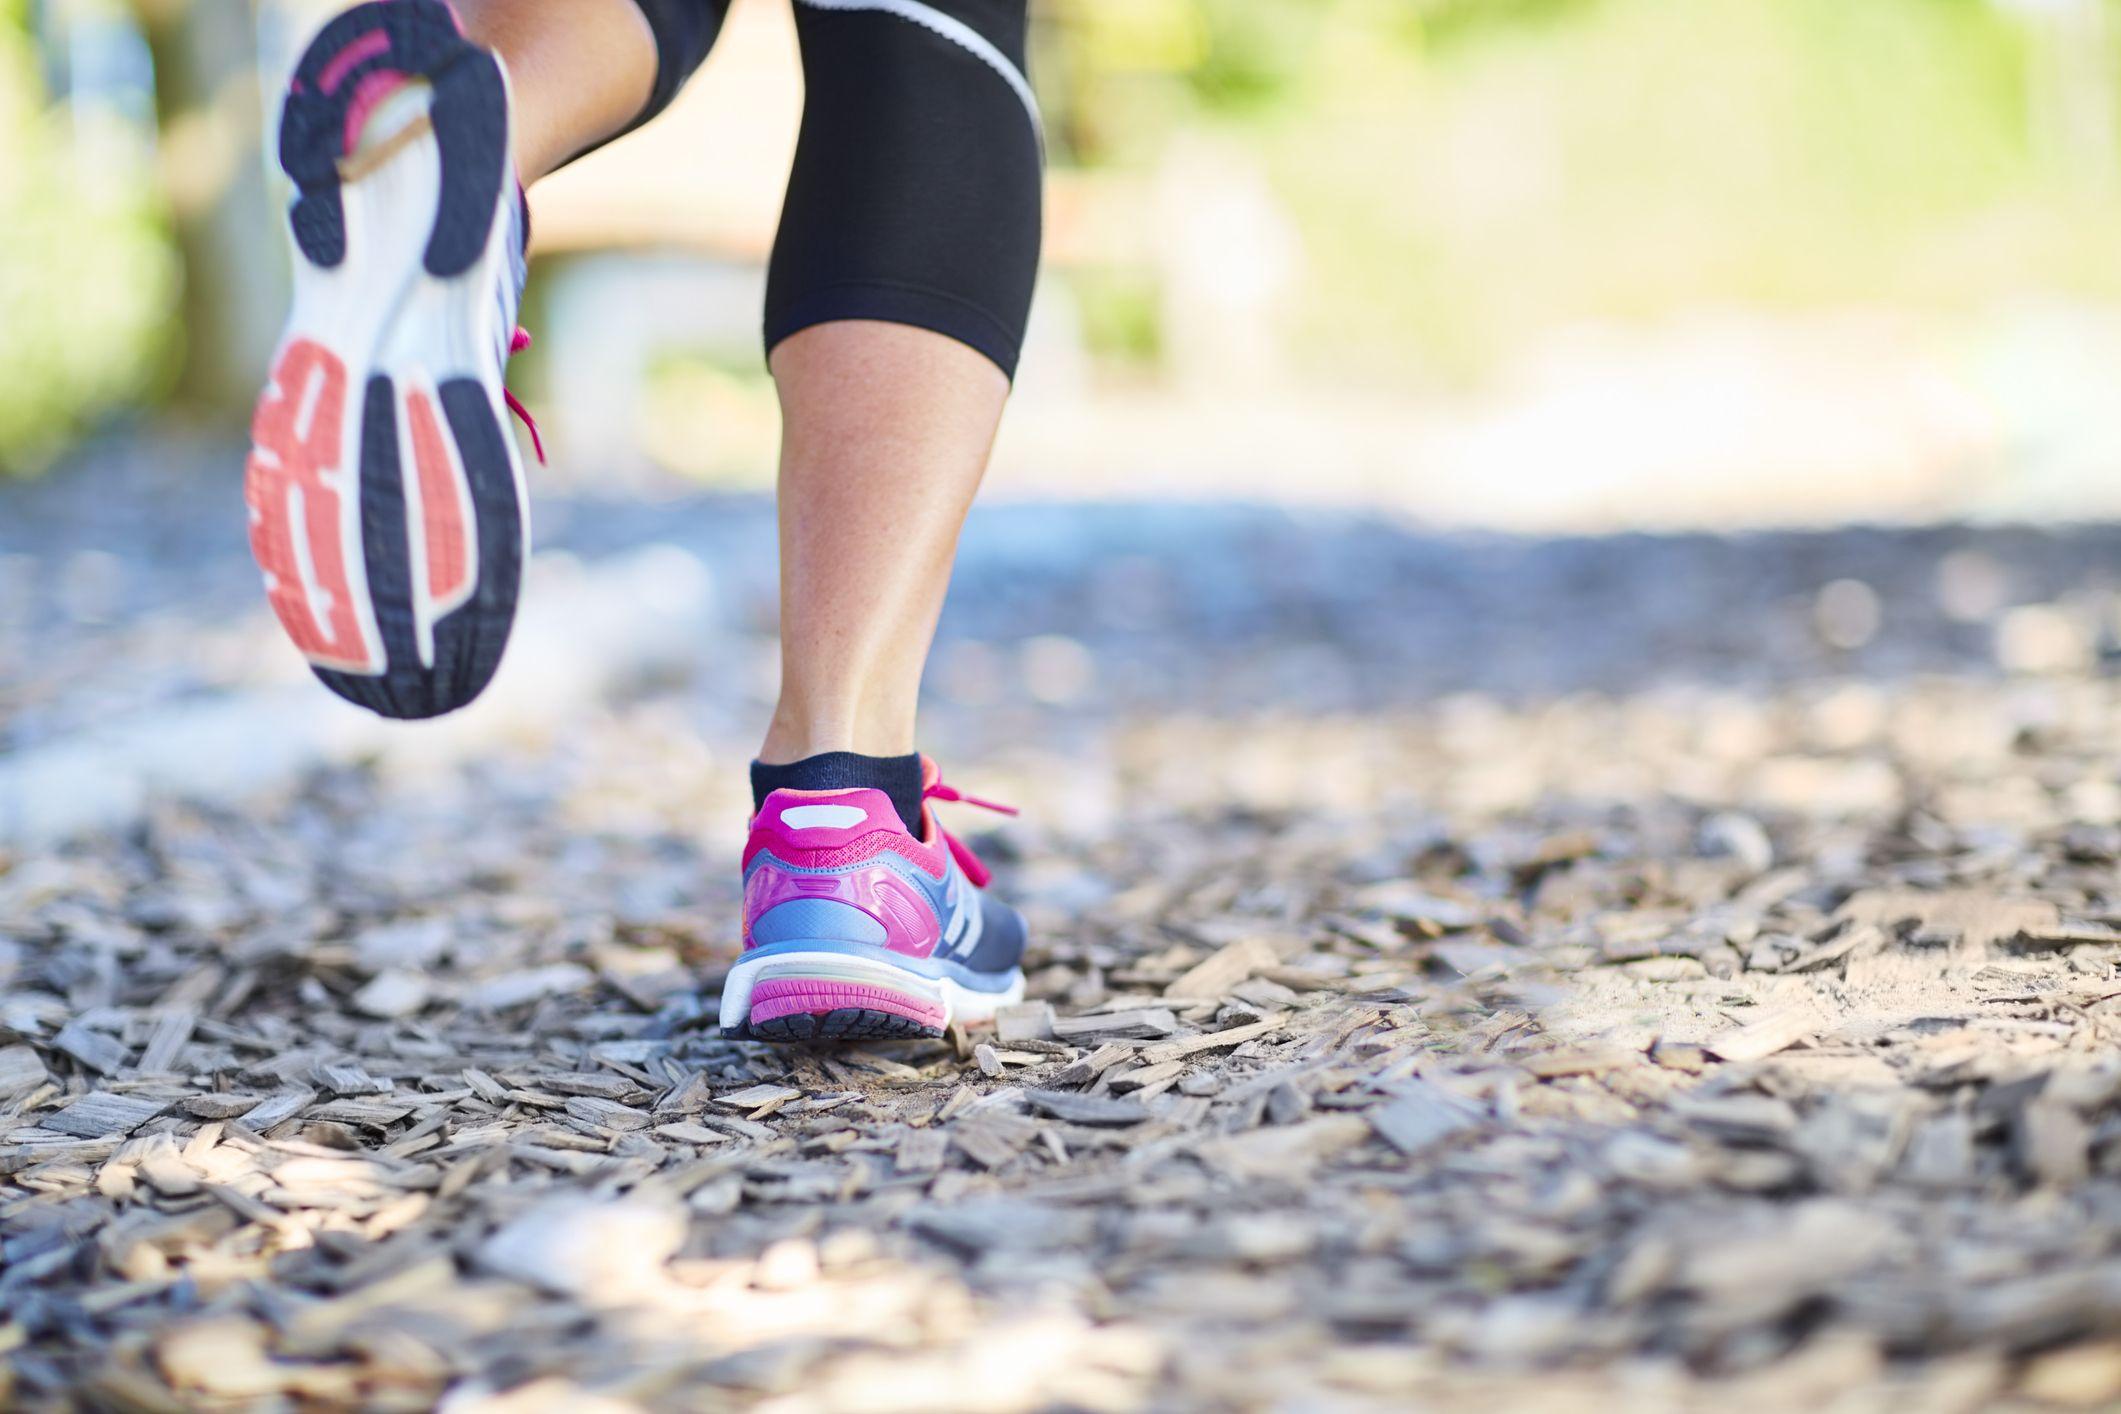 Scarpe da Corsa su Asfalto: Ecco le Migliori 10 del 2020